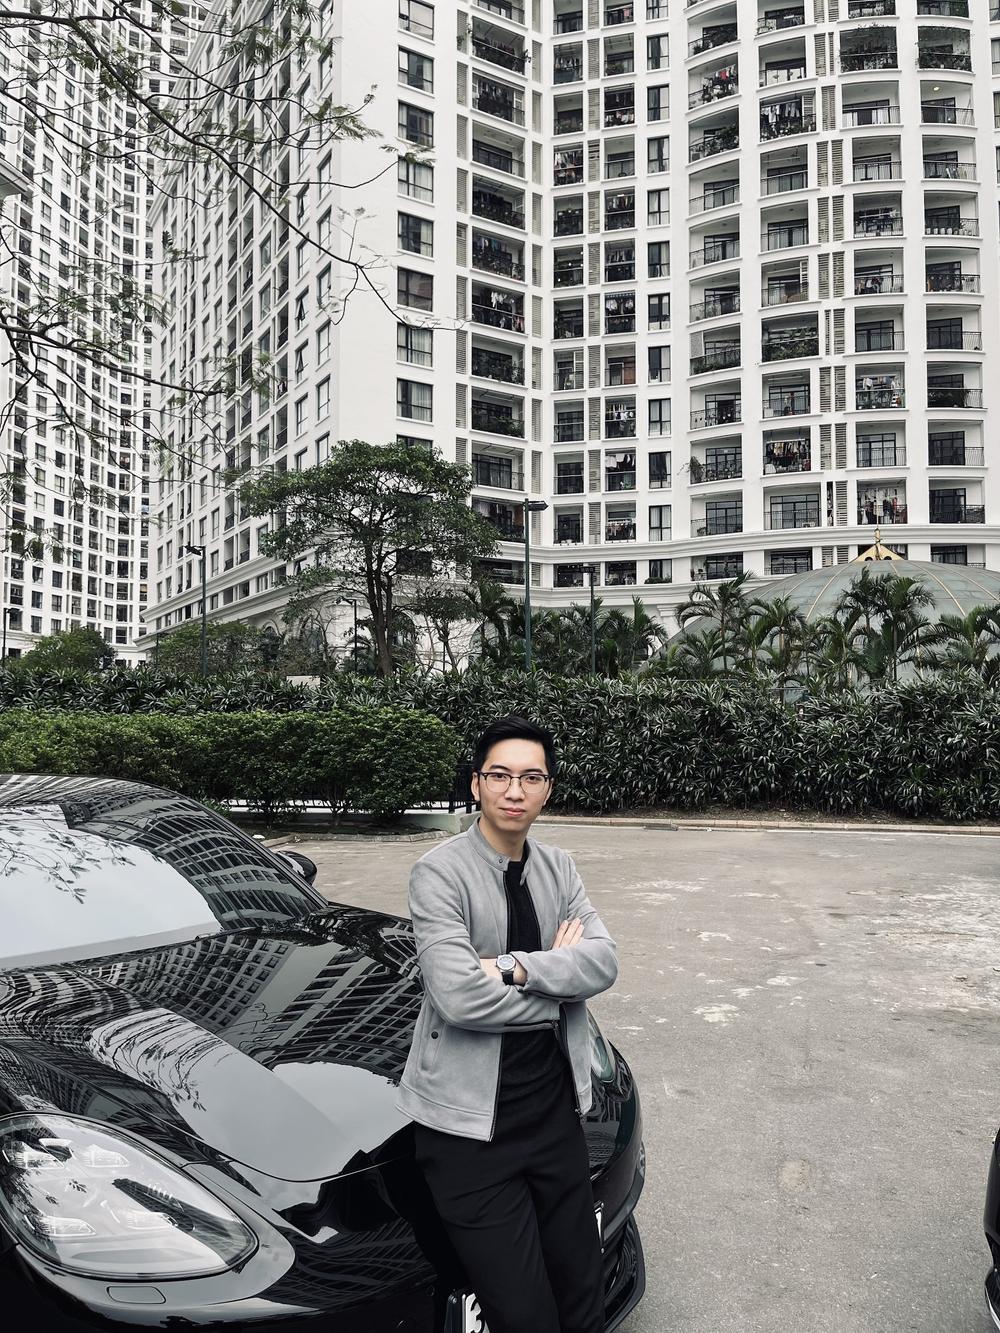 CEO Hoàng Đặng và hành trình khởi nghiệp vươn ra thế giới Ảnh 3